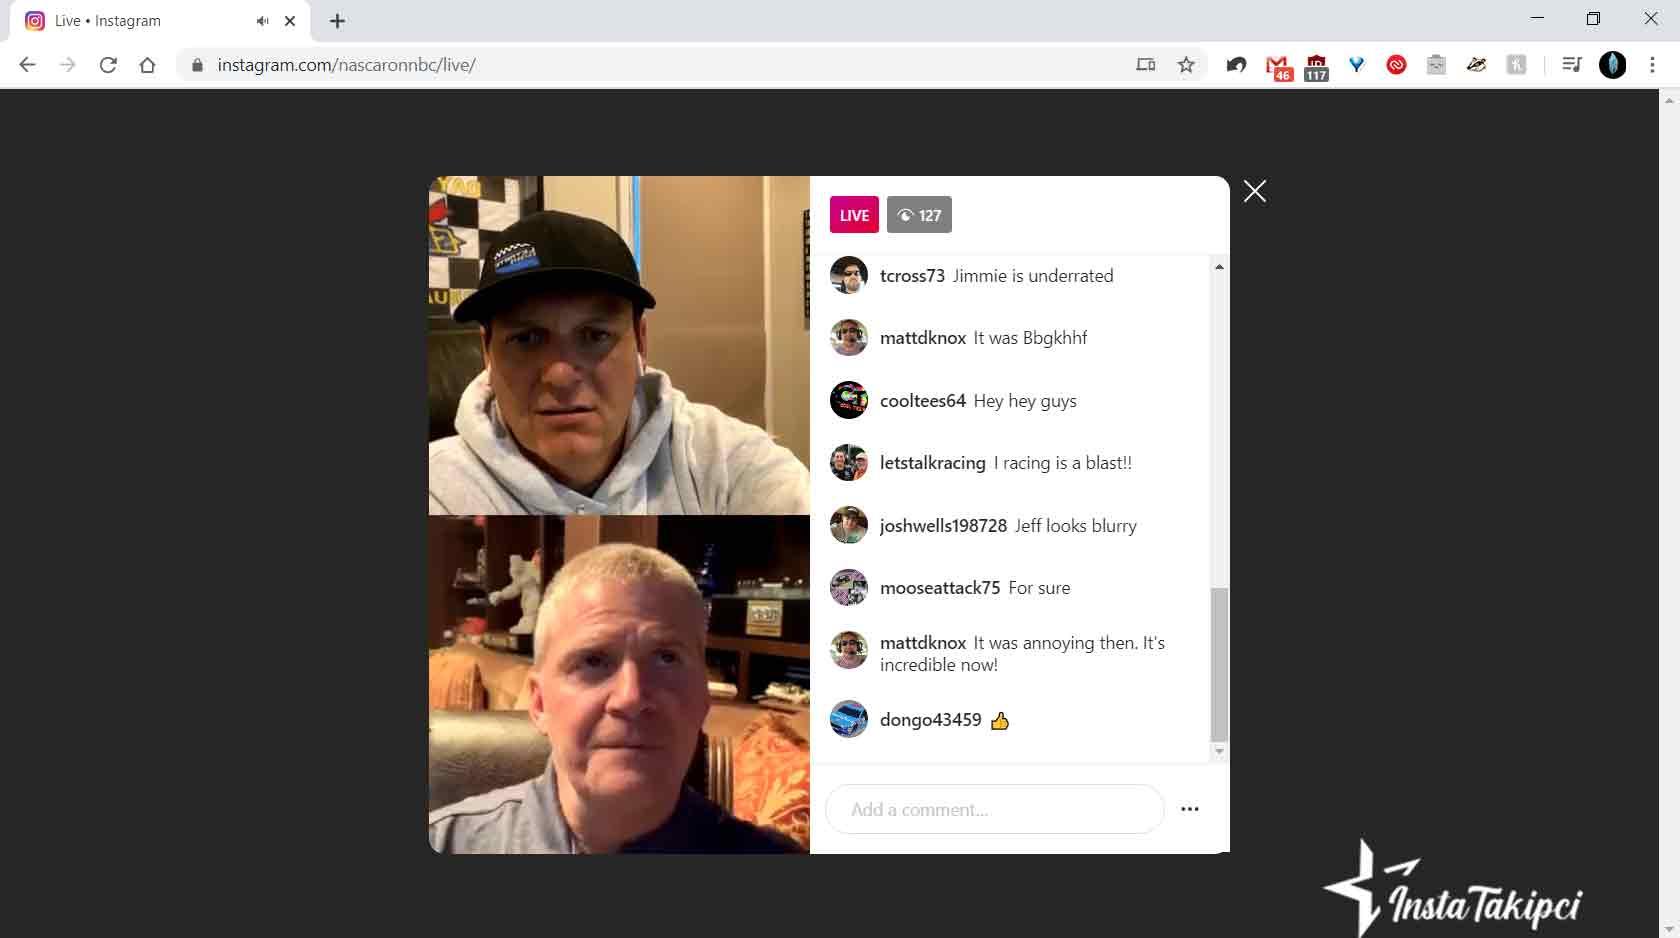 instagram canli yayin izleme bilgisayardan